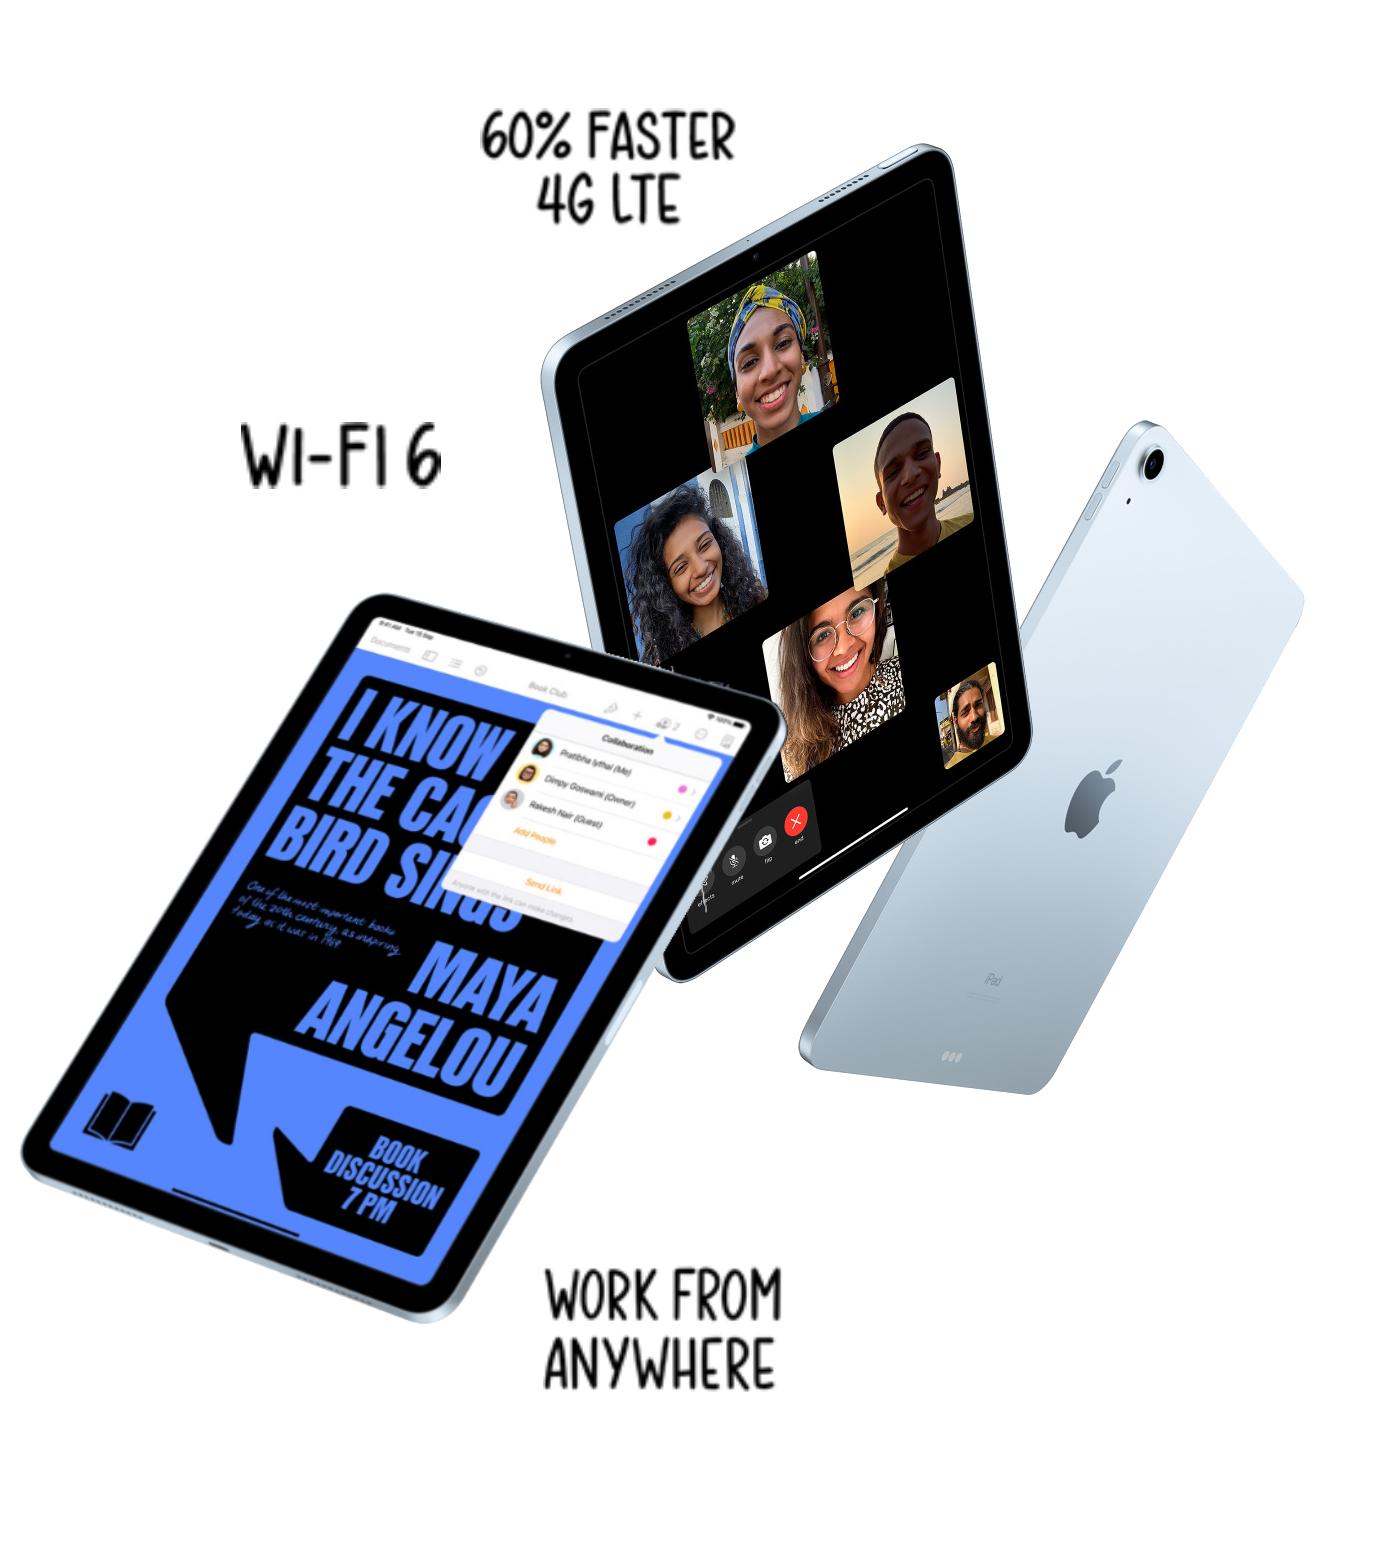 Apple IPad Air 10.9 Inch features Magic Keyboard